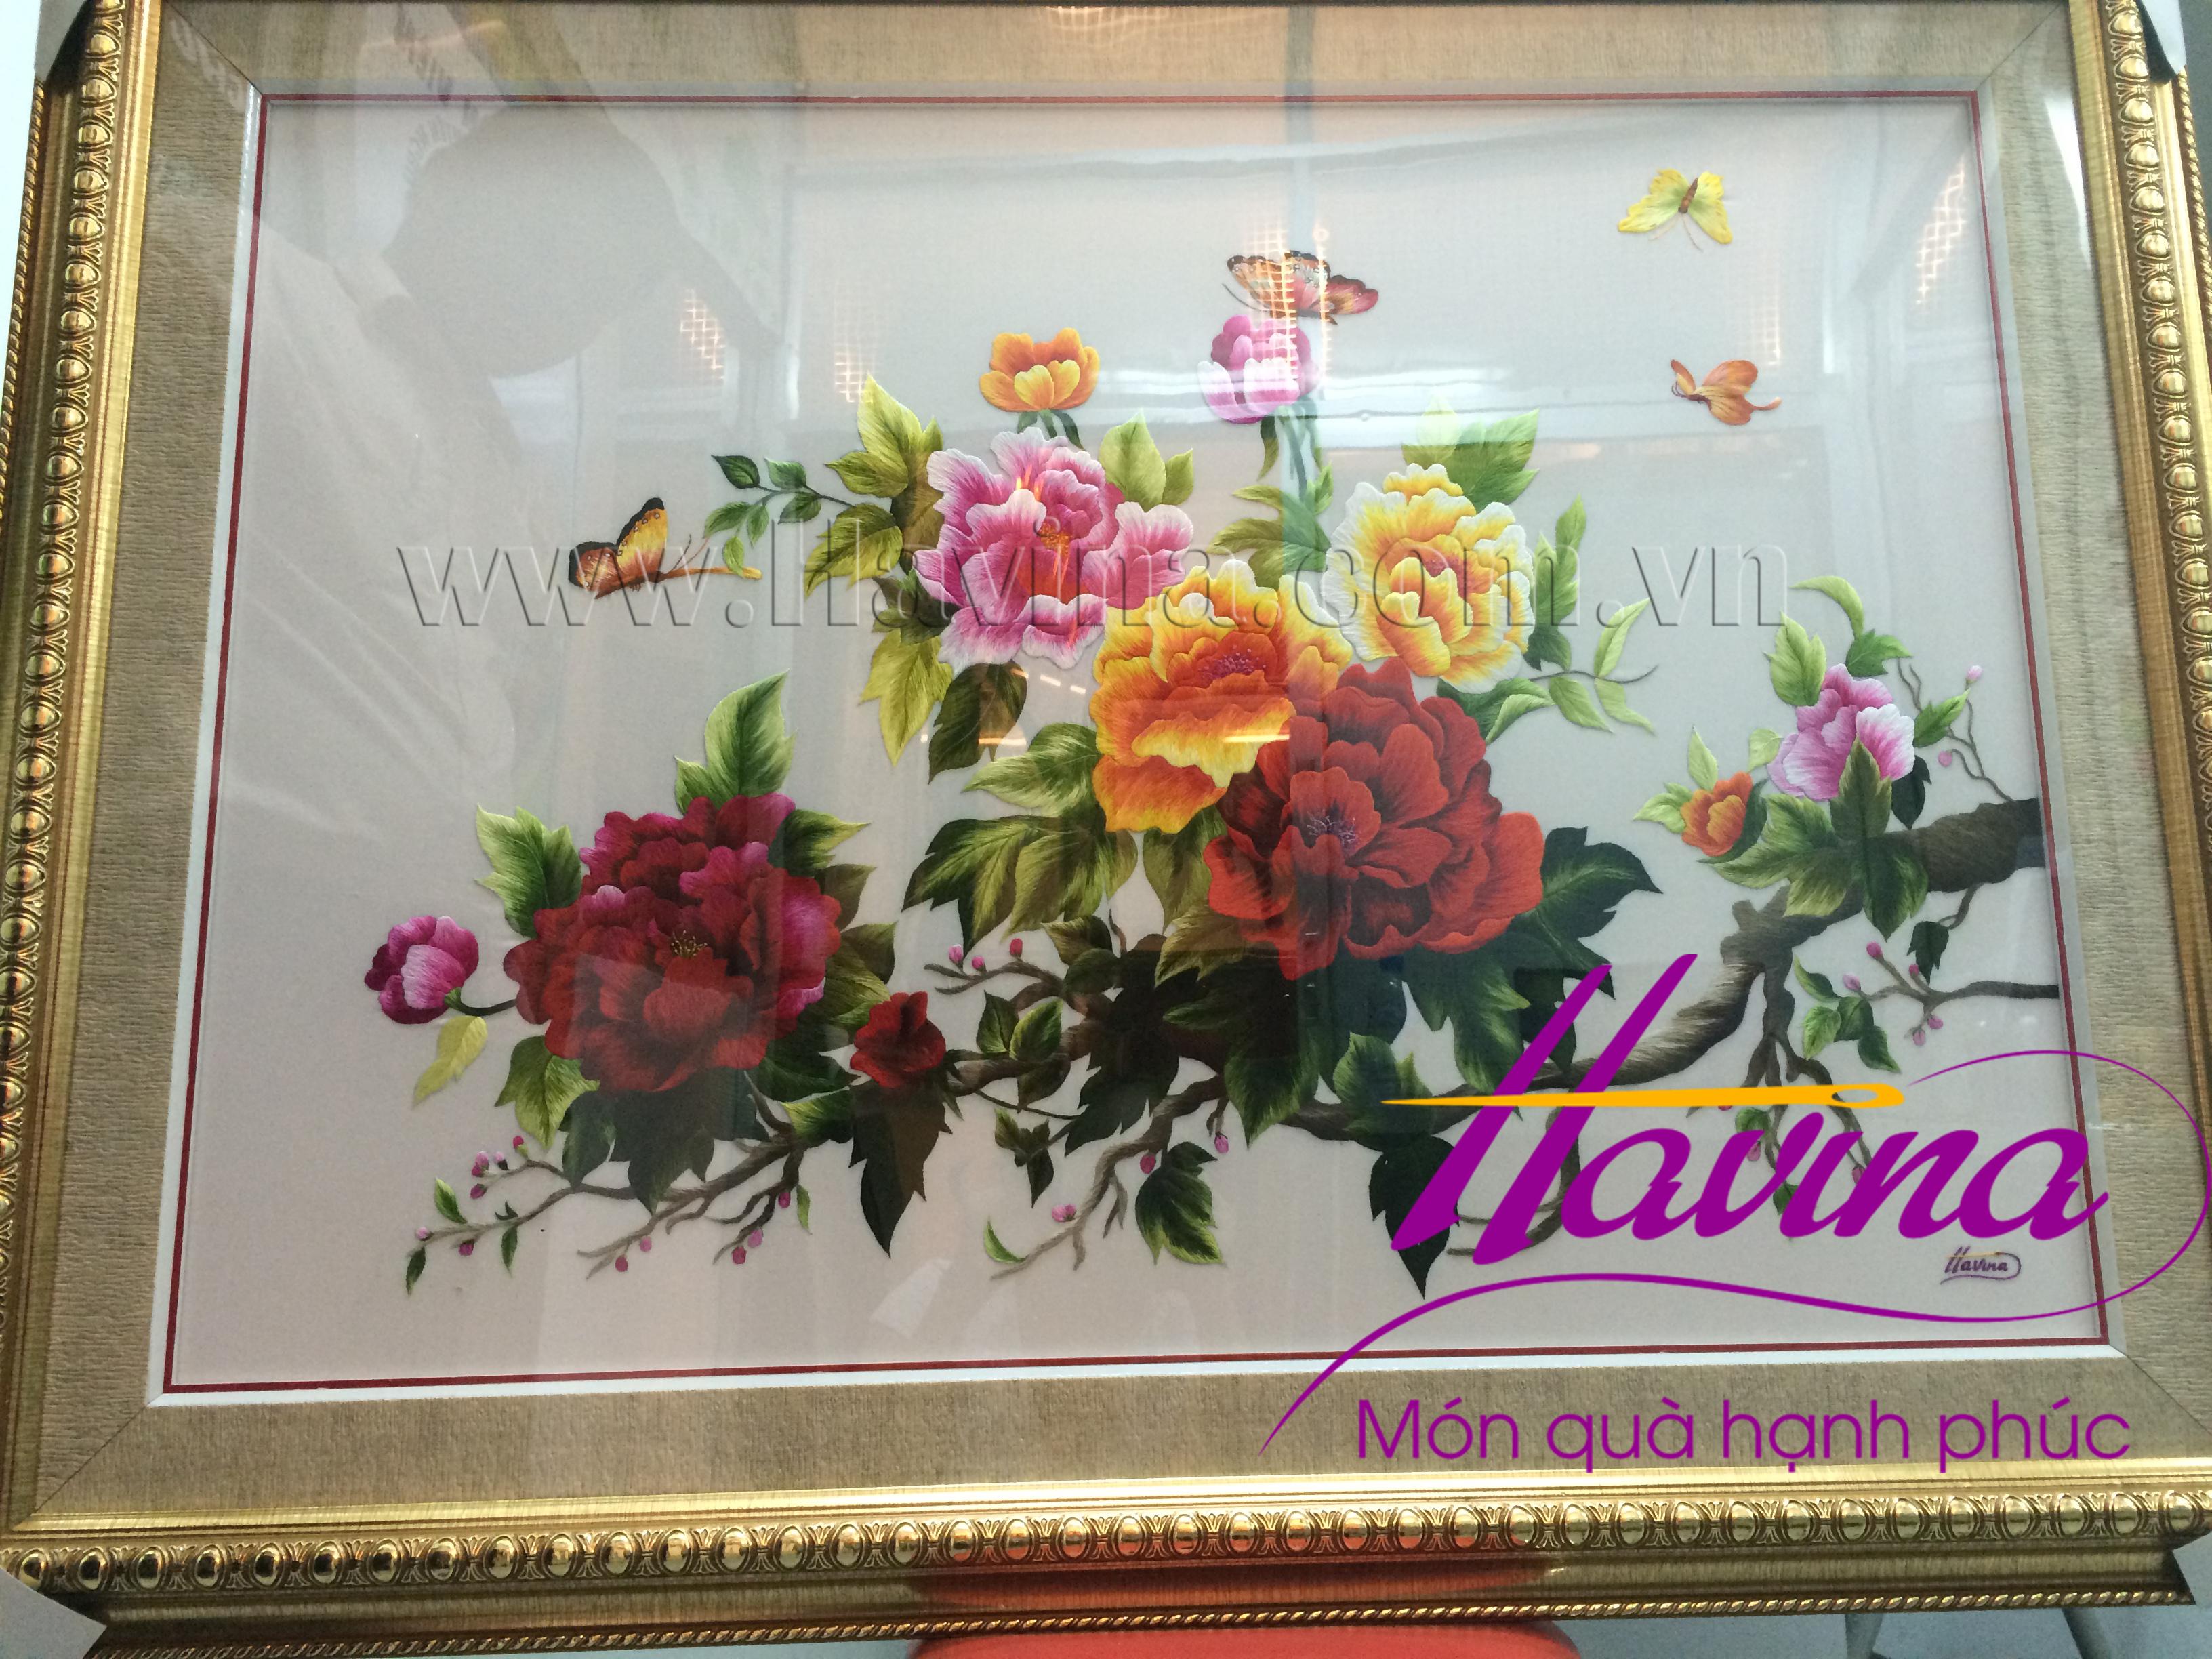 Đóng khung bức tranh thêu hoa mẫu đơn